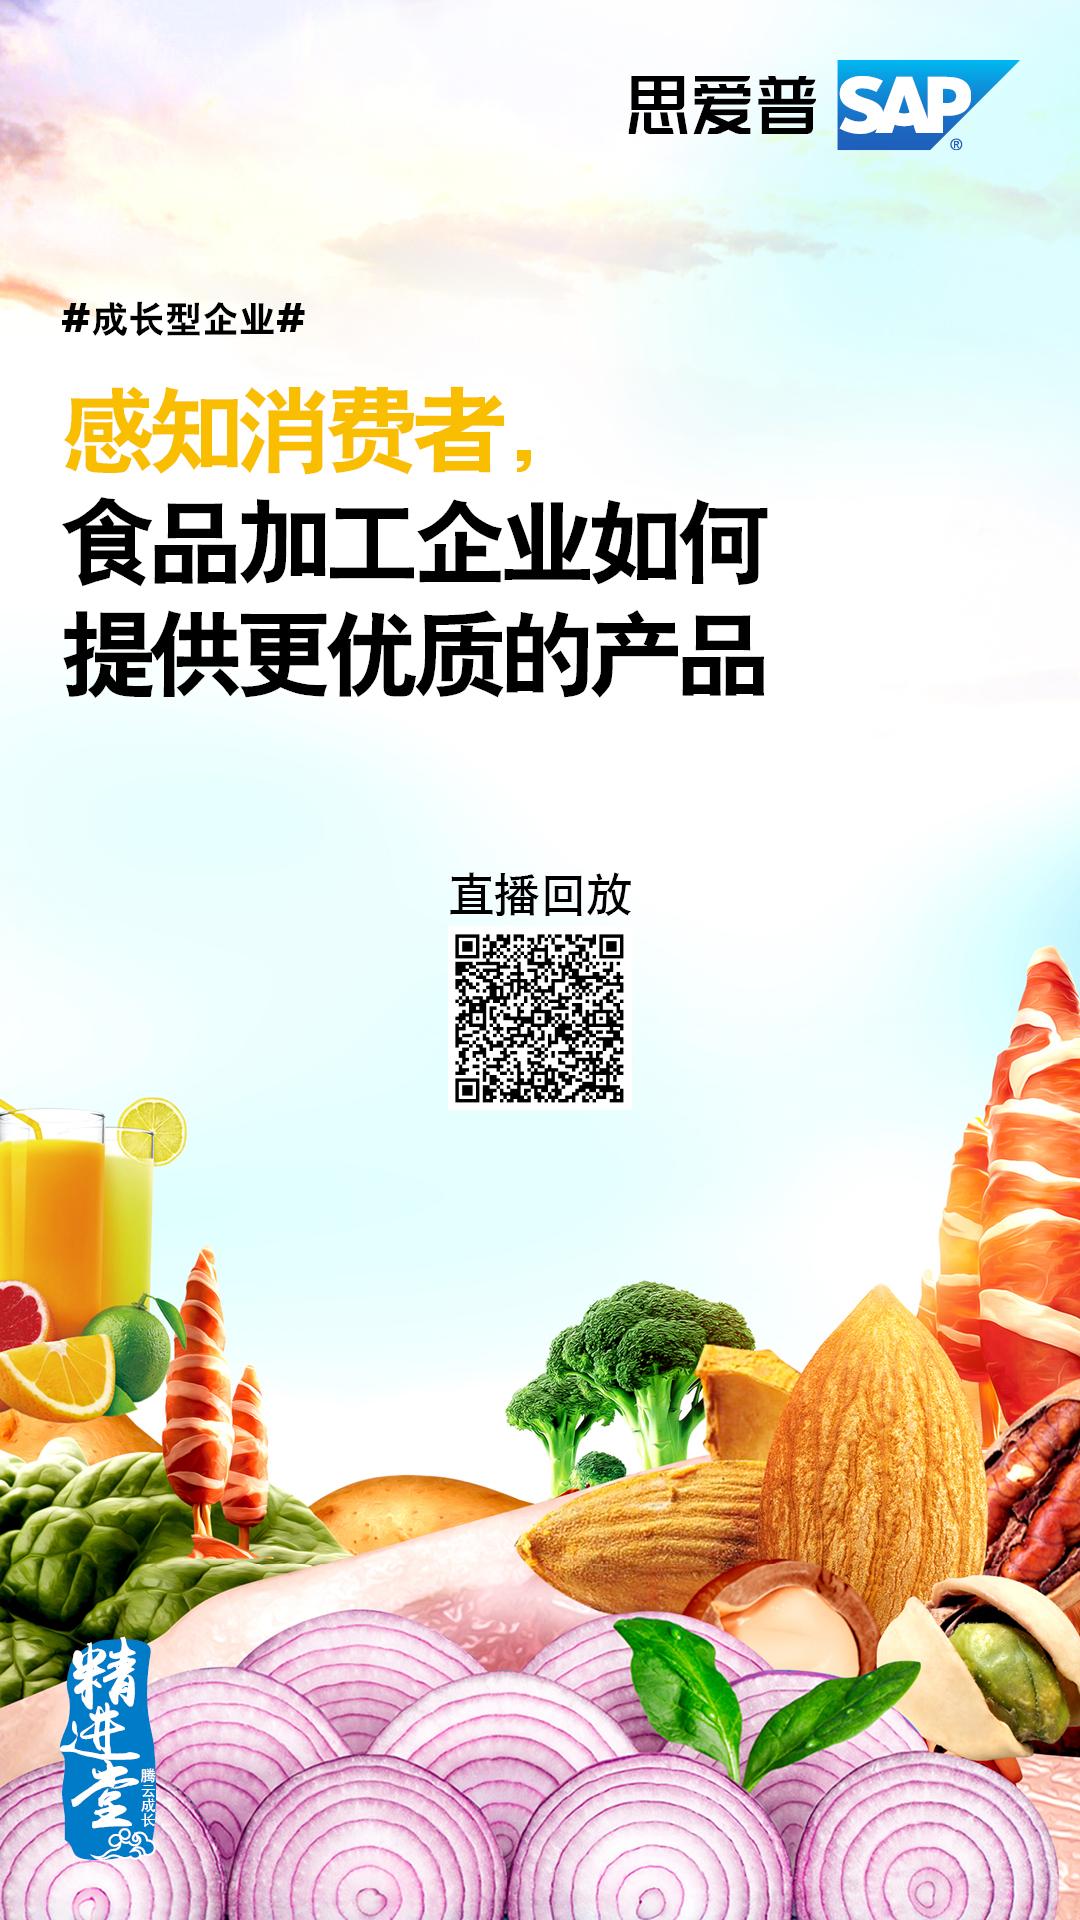 食品加工主题.jpg